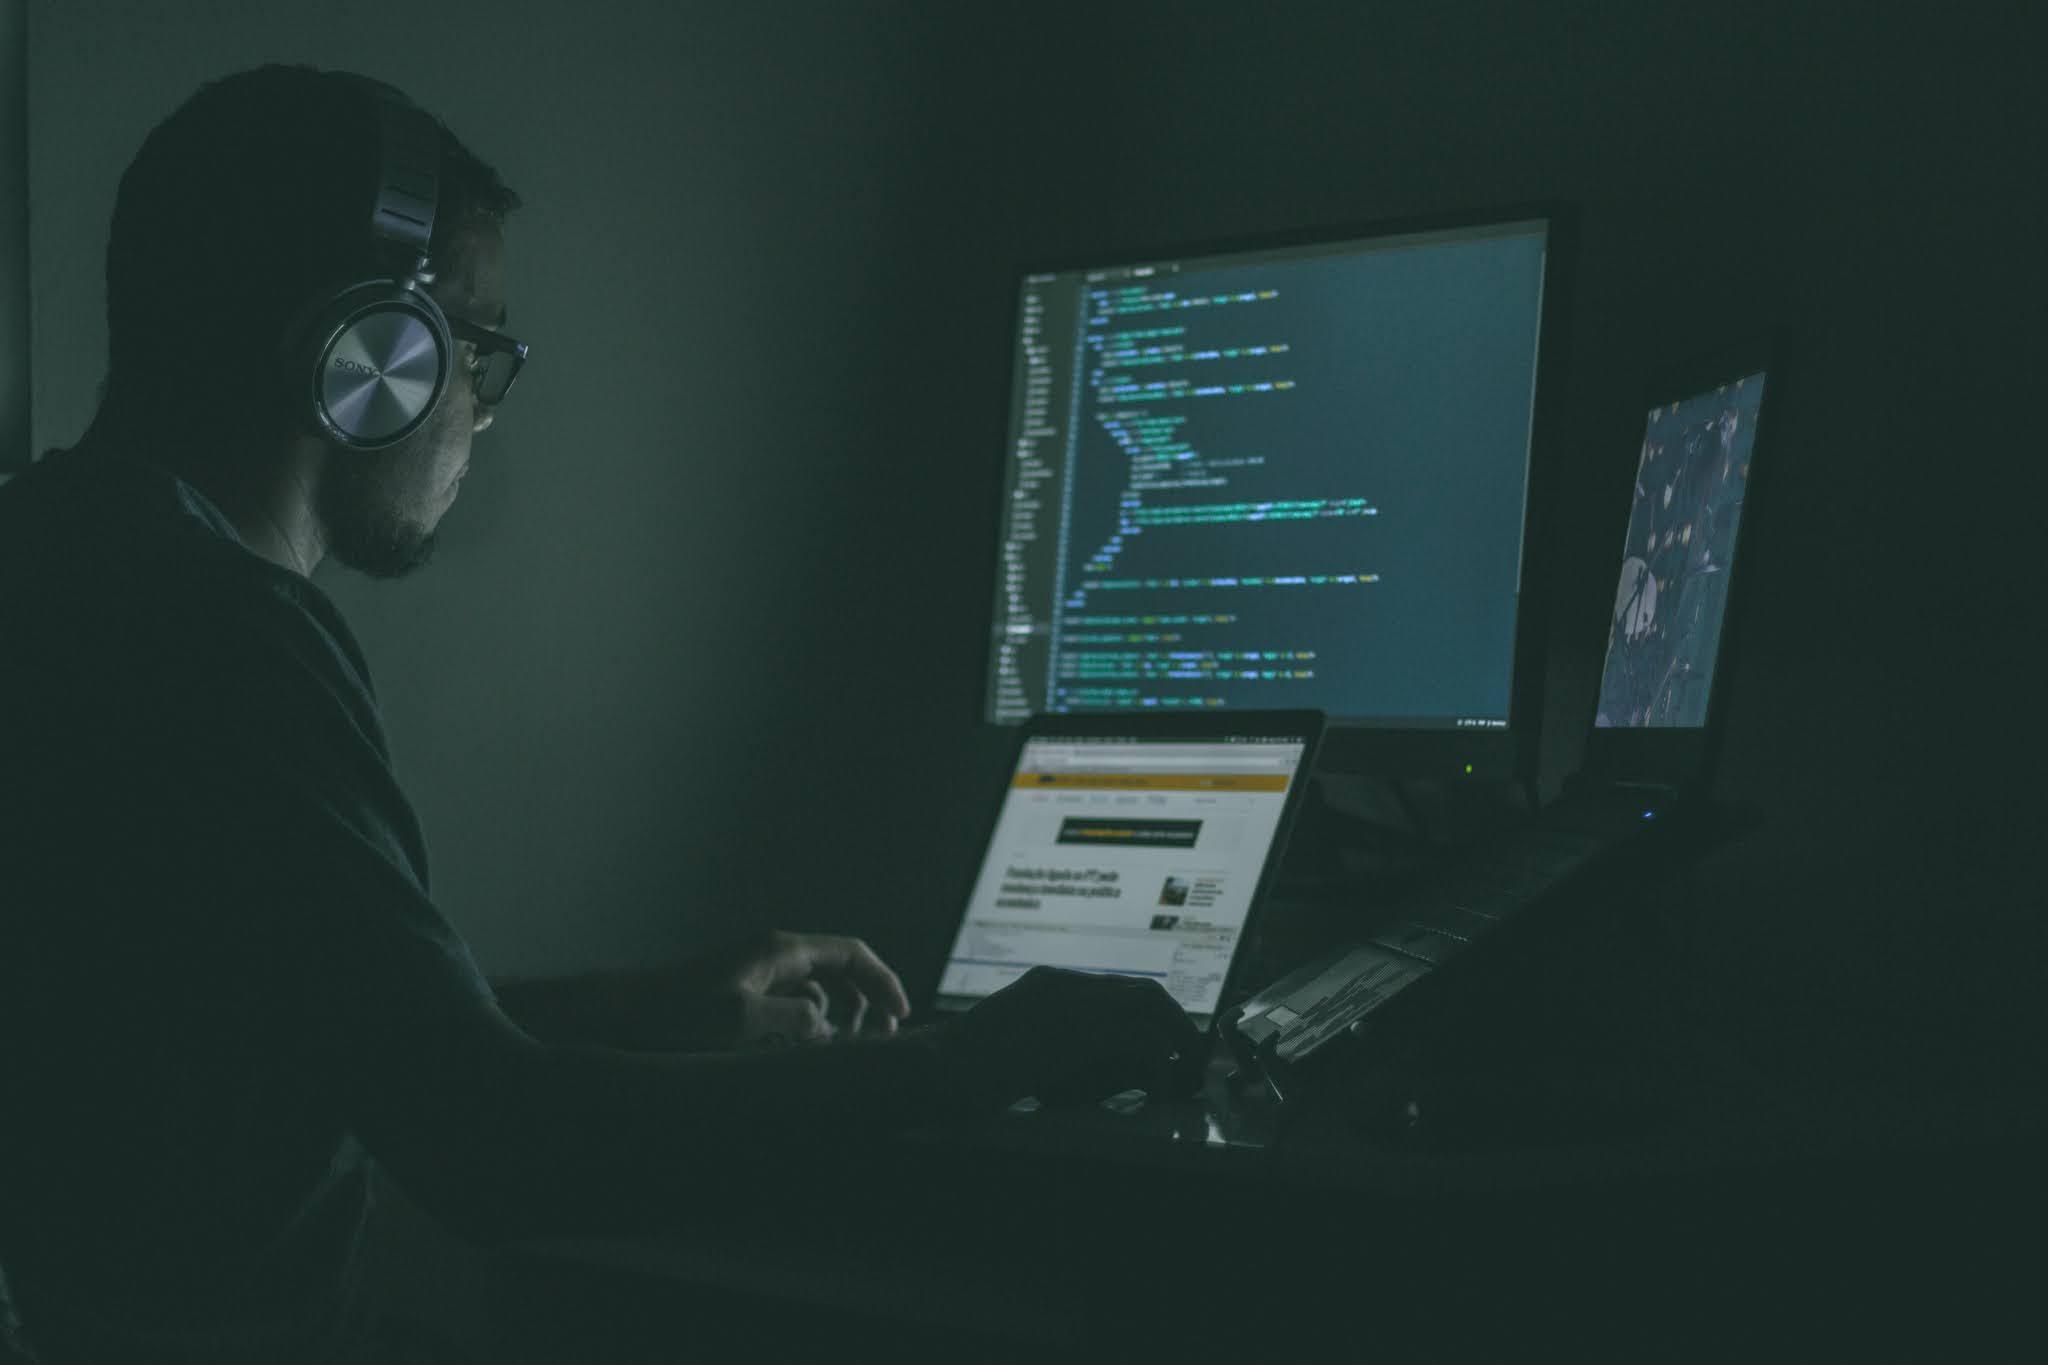 Siber Güvenlik Alanında İşler Çevrimiçi dünyaya hızlı geçiş ve daha dijital bir yaşam tarzı ile, giderek daha fazla şirket işlerini çevrimiçi ortama taşıyor veya en azından günlük işlerini yürütmek için karmaşık bir bilgisayar ağına güvenmeye başlıyor. Bu, COVID'in dünya çapındaki etkisiyle ve çalışanların büyük çoğunluğunun artık uzaktan, bir merkezden veya ofisten uzakta çalıştığı gerçeğiyle daha da alakalı. Bunu akılda tutarak, genel olarak BT'de sürekli artan sayıda iş olması şaşırtıcı değildir. Siber güvenlik, uzmanlığa hızla artan bir ihtiyaç duyan bir alandır ve günümüzde birçok şirket, çeşitli BT ve veri güvenliği uzmanlarına ihtiyaç duymaktadır. Verilerin ve bilgilerin korunması herhangi bir BT sisteminin veya ağının önemli bir parçası olduğu için siber güvenlik kariyerleri yüksek talep görmektedir. Kısaca, siber güvenlik alanında çalışan kişiler, sistemleri ve ağları bilgisayar korsanlarından ve diğer tehditlerden korur ve olası saldırılara karşı savunma geliştirir. Güvenli bir ağ oluşturmanın yanı sıra bir tehdit algılama sistemi ve olay müdahalesi geliştirmek, bir siber güvenlik profesyonelinin işinin bir parçasıdır. Siber güvenlik kariyerleri çok kazançlı olma eğilimindedir ve ilerleme ve kariyer gelişimi için mükemmel bir kapsam sunar. Bir siber güvenlik uzmanı ne yapar? Siber güvenlik uzmanları, verileri ve bilgileri bilgisayar korsanlarından ve diğer dış tehditlerden korumak için sistemleri oluşturur, test eder ve analiz eder. Tehditleri belirlemeye ve bir kuruluşun dahili bilgisayar ağını kötü amaçlı yazılım, kimlik avı, parola saldırıları ve diğer izinsiz girişler gibi tehditlere karşı güvende tutmanın yollarını bulmaya çalışırlar. Bununla birlikte, sektörde çeşitli roller ve birkaç farklı siber güvenlik kariyeri mevcuttur. Siber güvenlik endüstrisinde kariyer gelişimi için de büyük bir kapsam vardır ve uzun vadeli gelişim arayanlar için harika bir kariyer yolu olabilir. Siber Güvenlik İçerisindeki Belirli Roller En baştan başlayarak, CSO (Baş Bilg